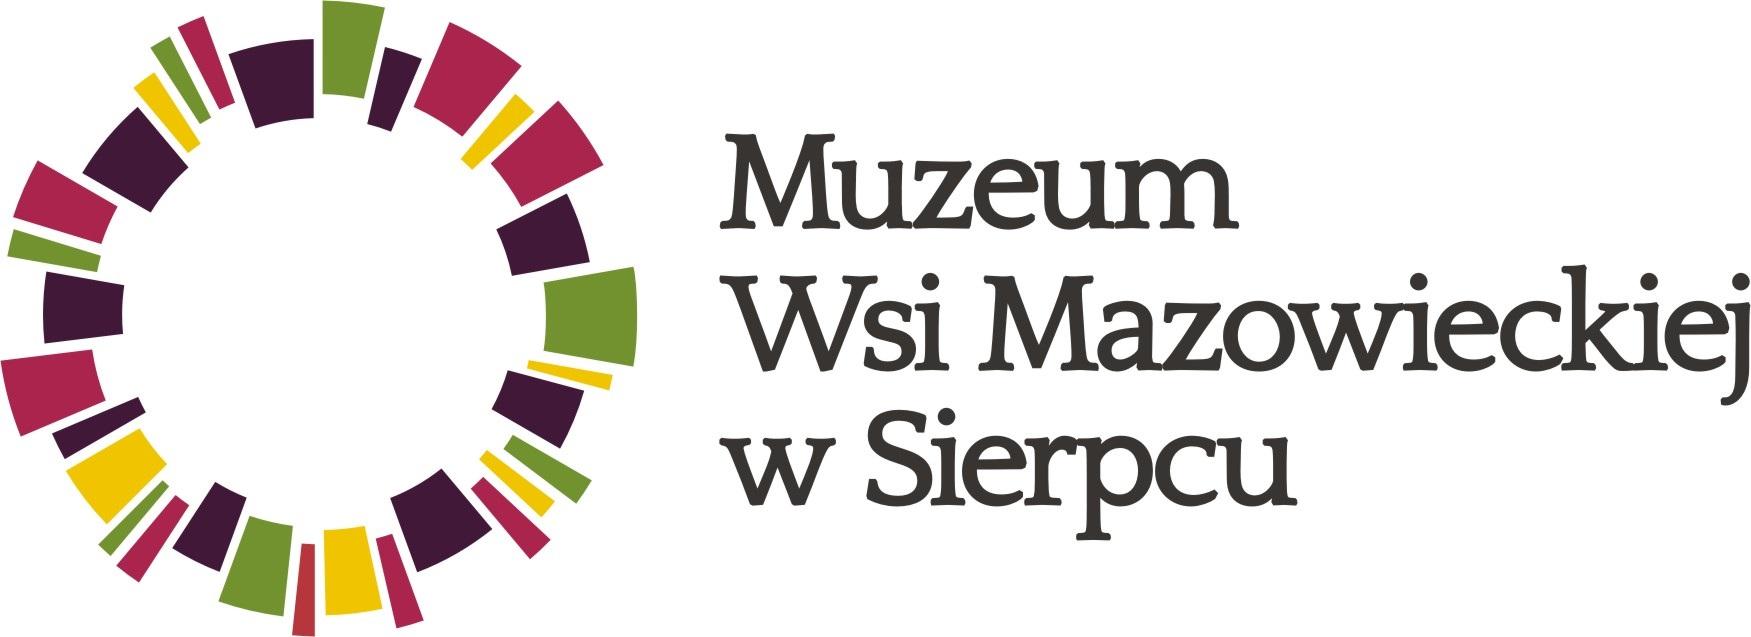 logo_skansen-w-sierpcu-w-finalowej-dziesiatce-plebiscytu